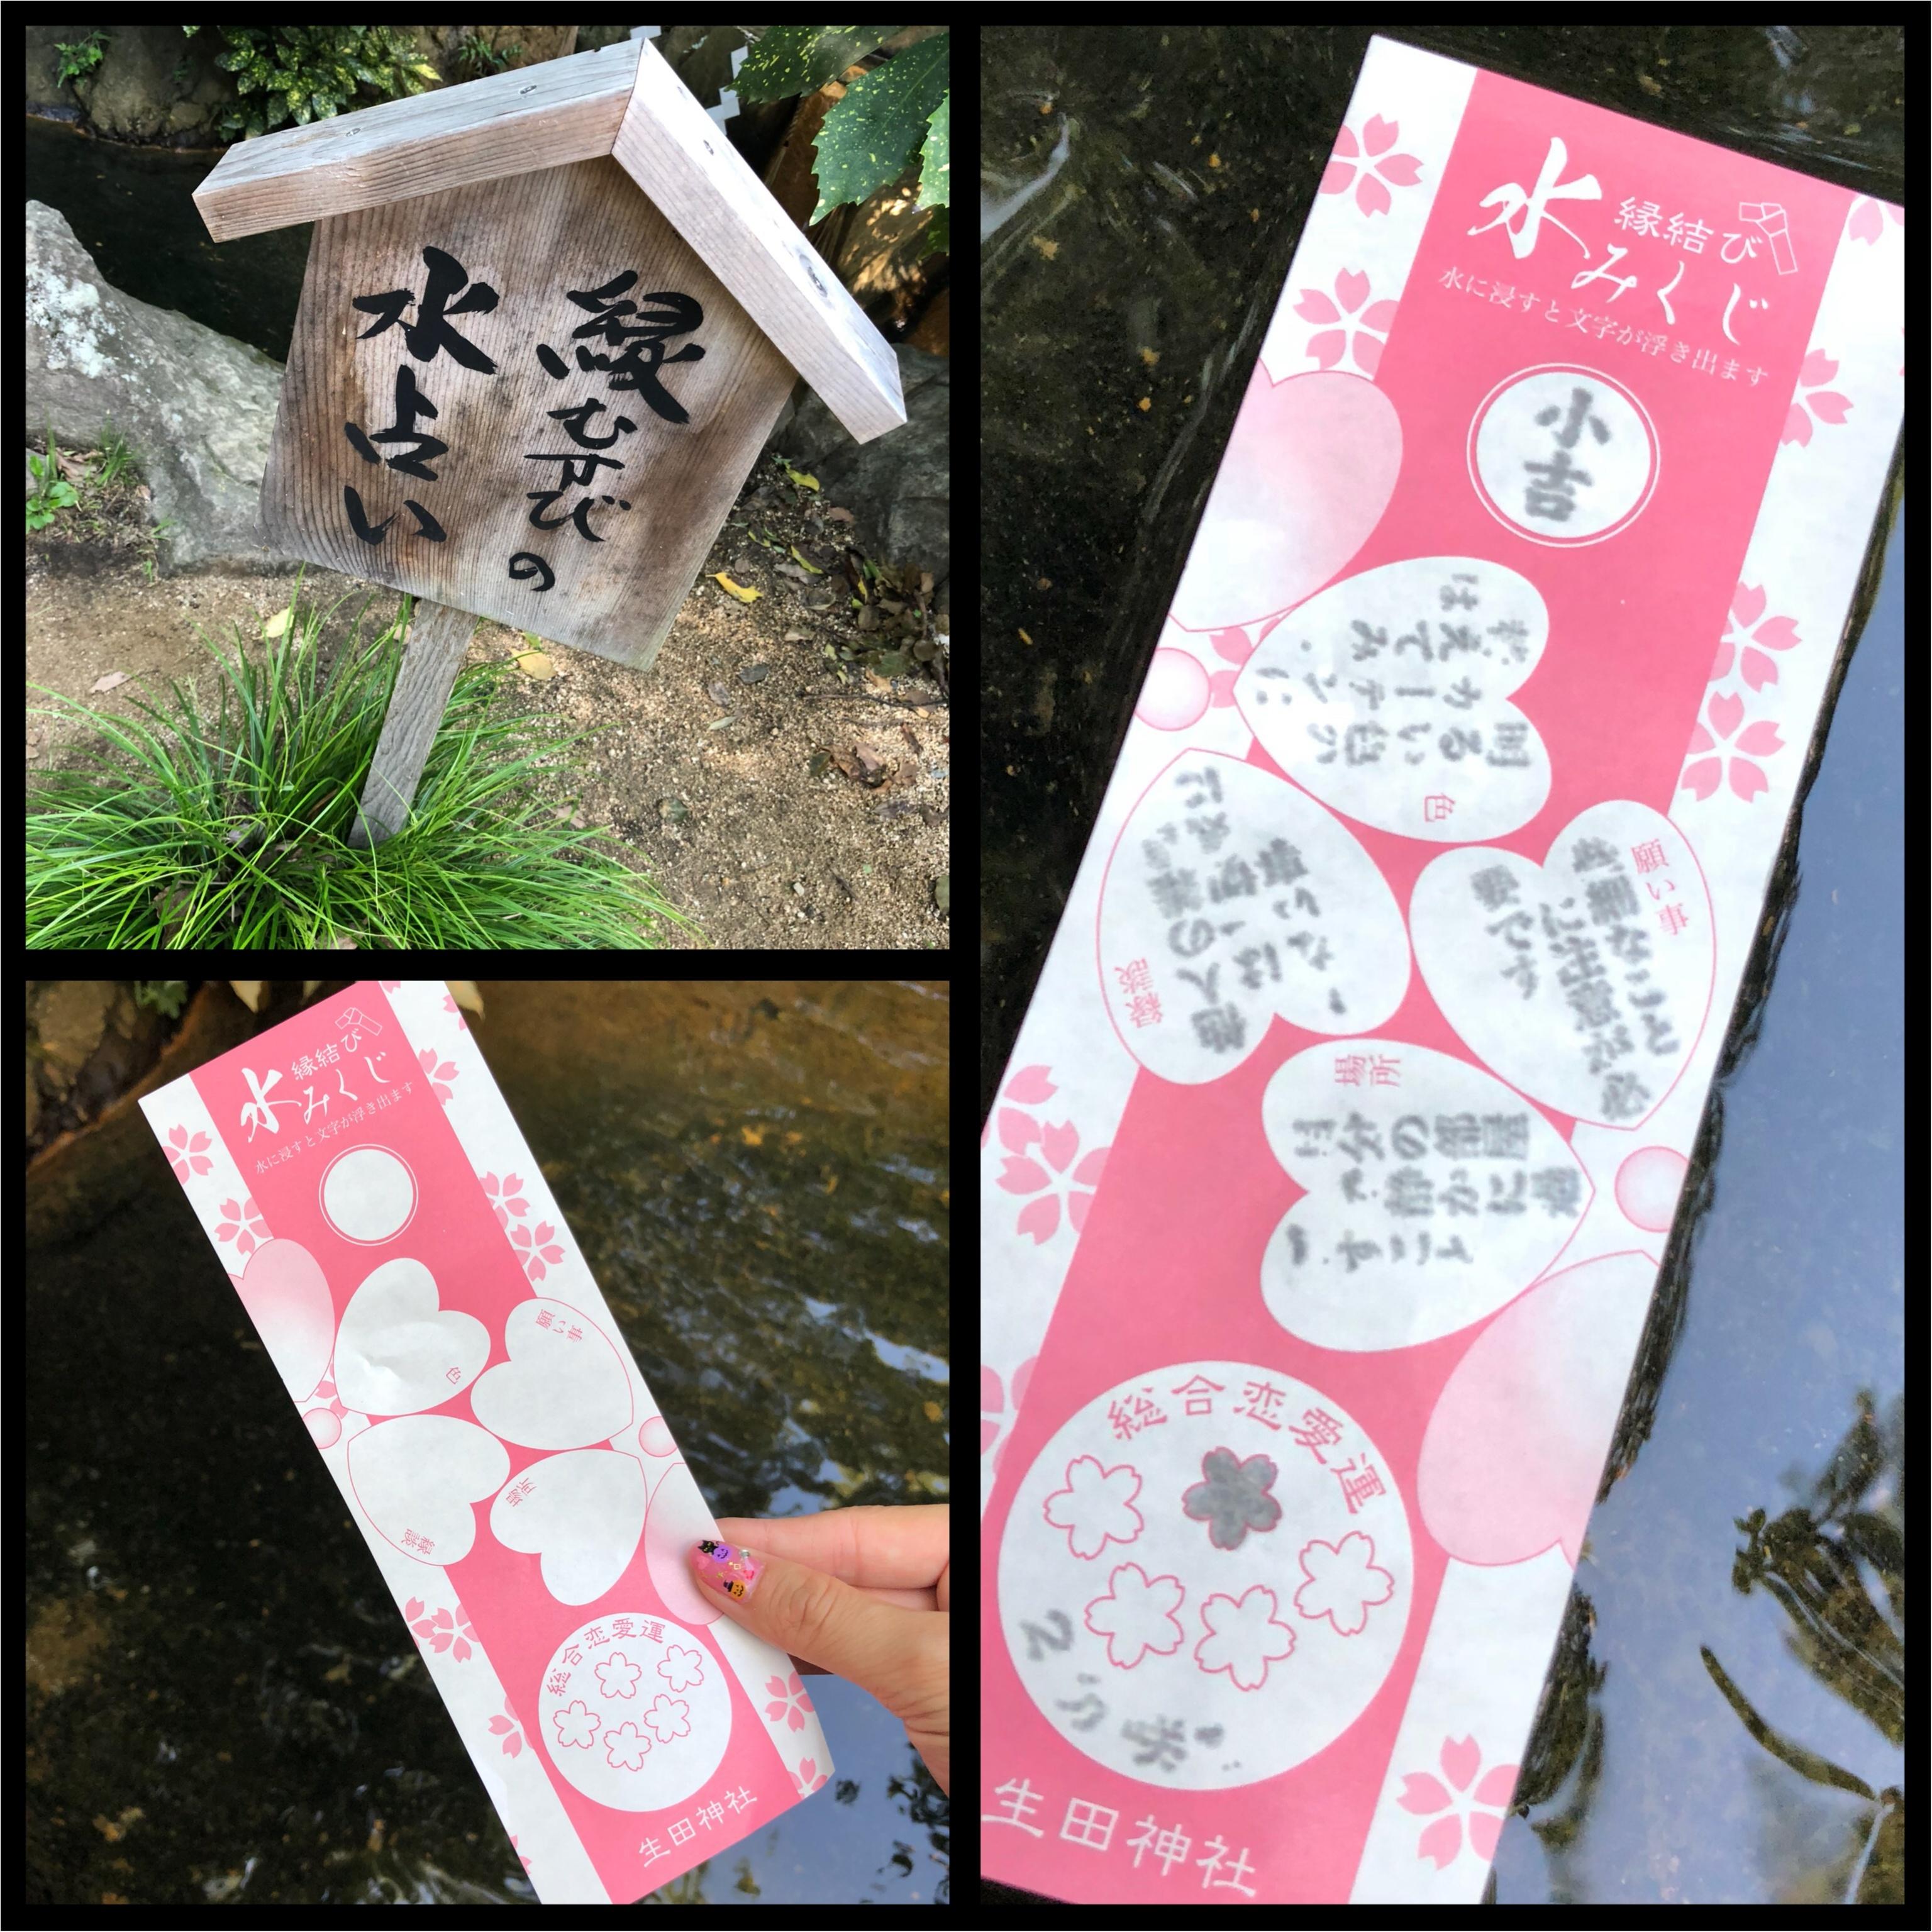 神戸の赤い糸結び♡生田神社へ。モアハピ部員さんがブログでUPしていましたね。私も行ってきました☆_4